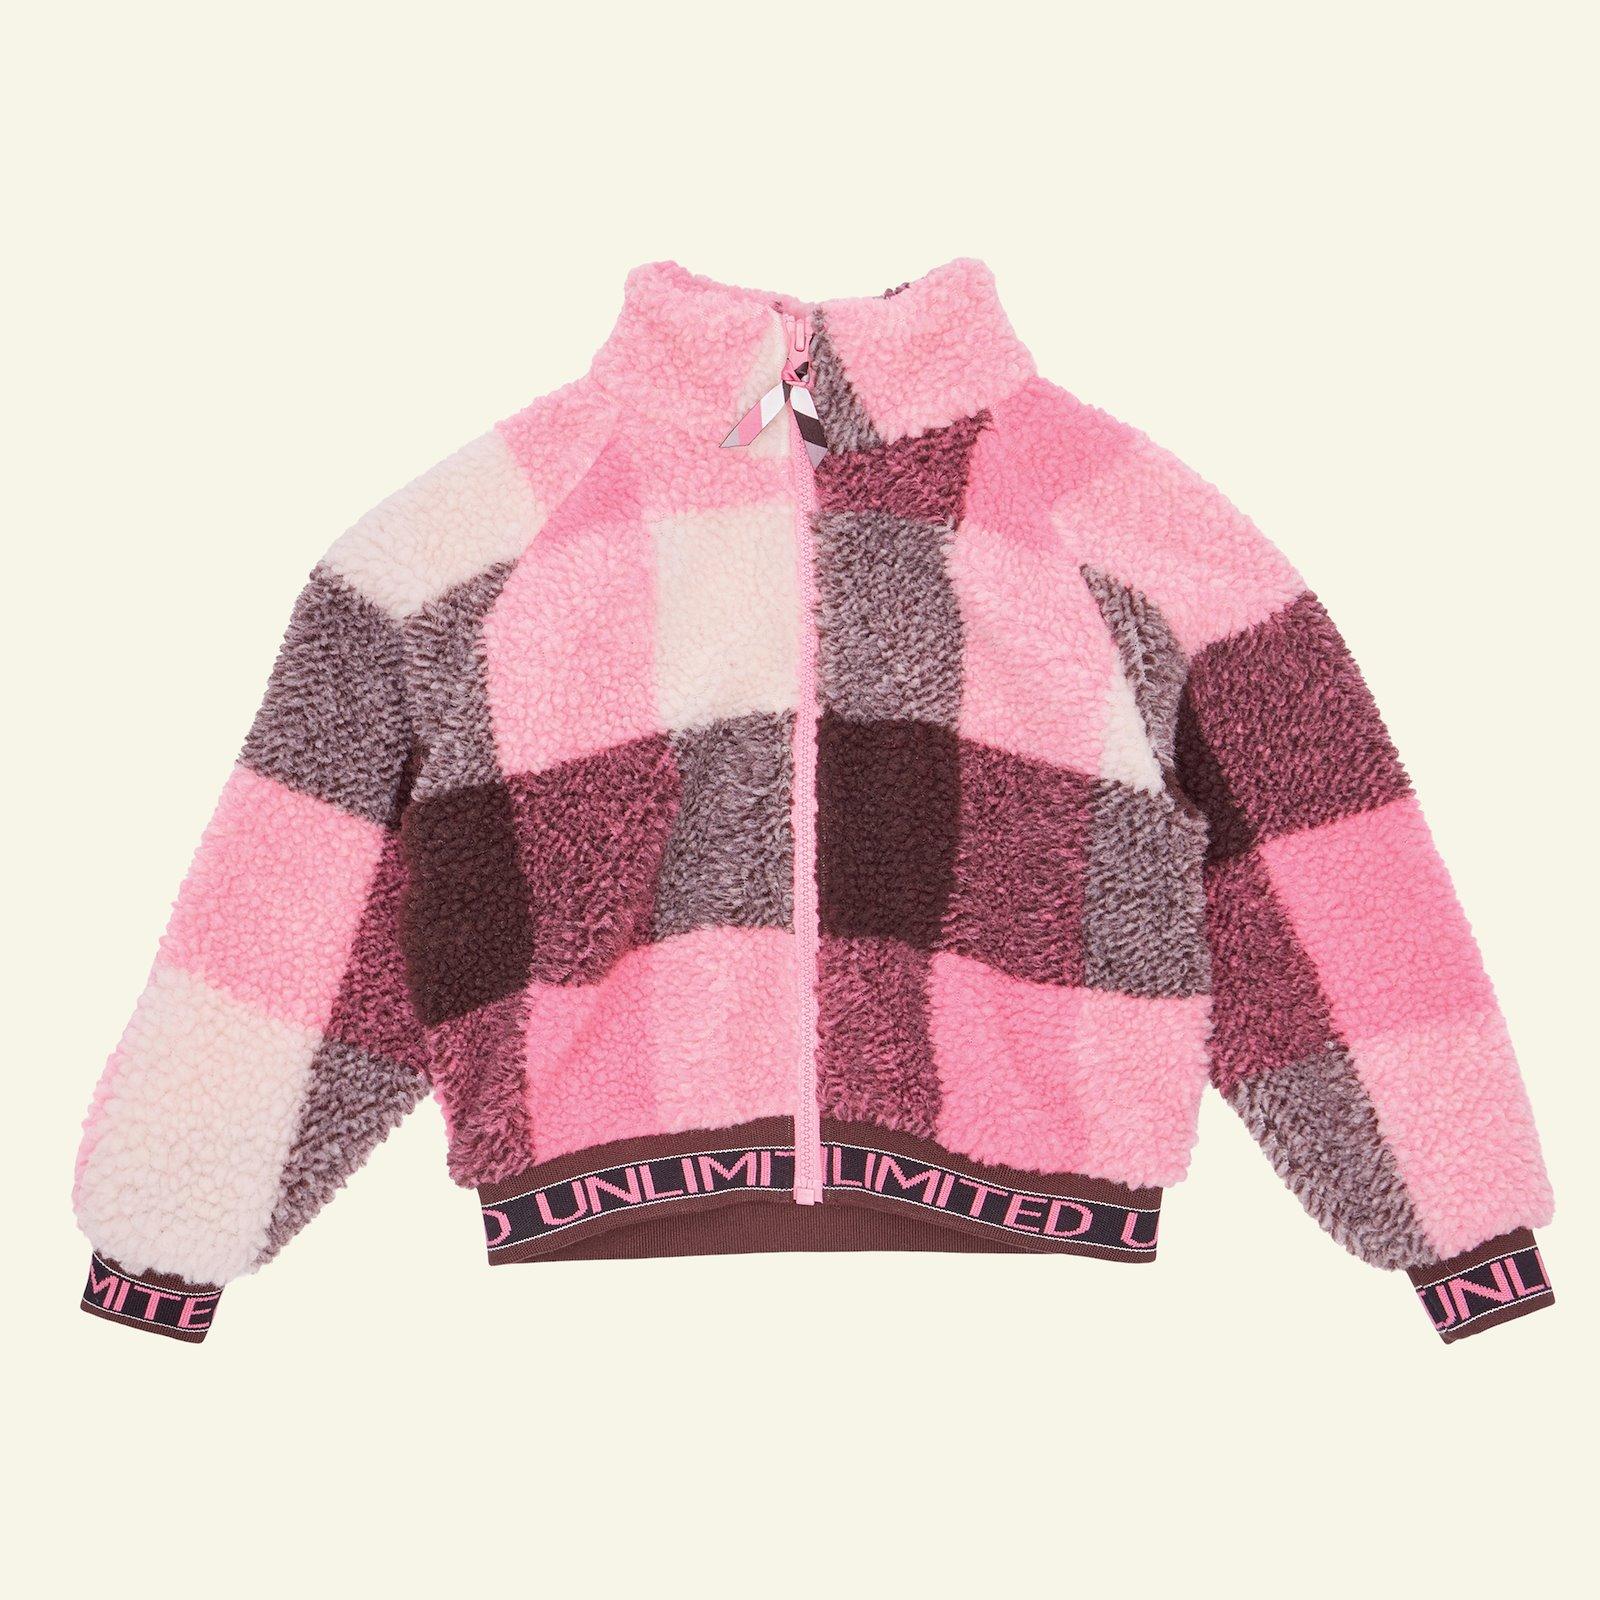 1x1 rib fold 13,5x100cm caramel/pink 1pc p64020_910277_96184_sskit